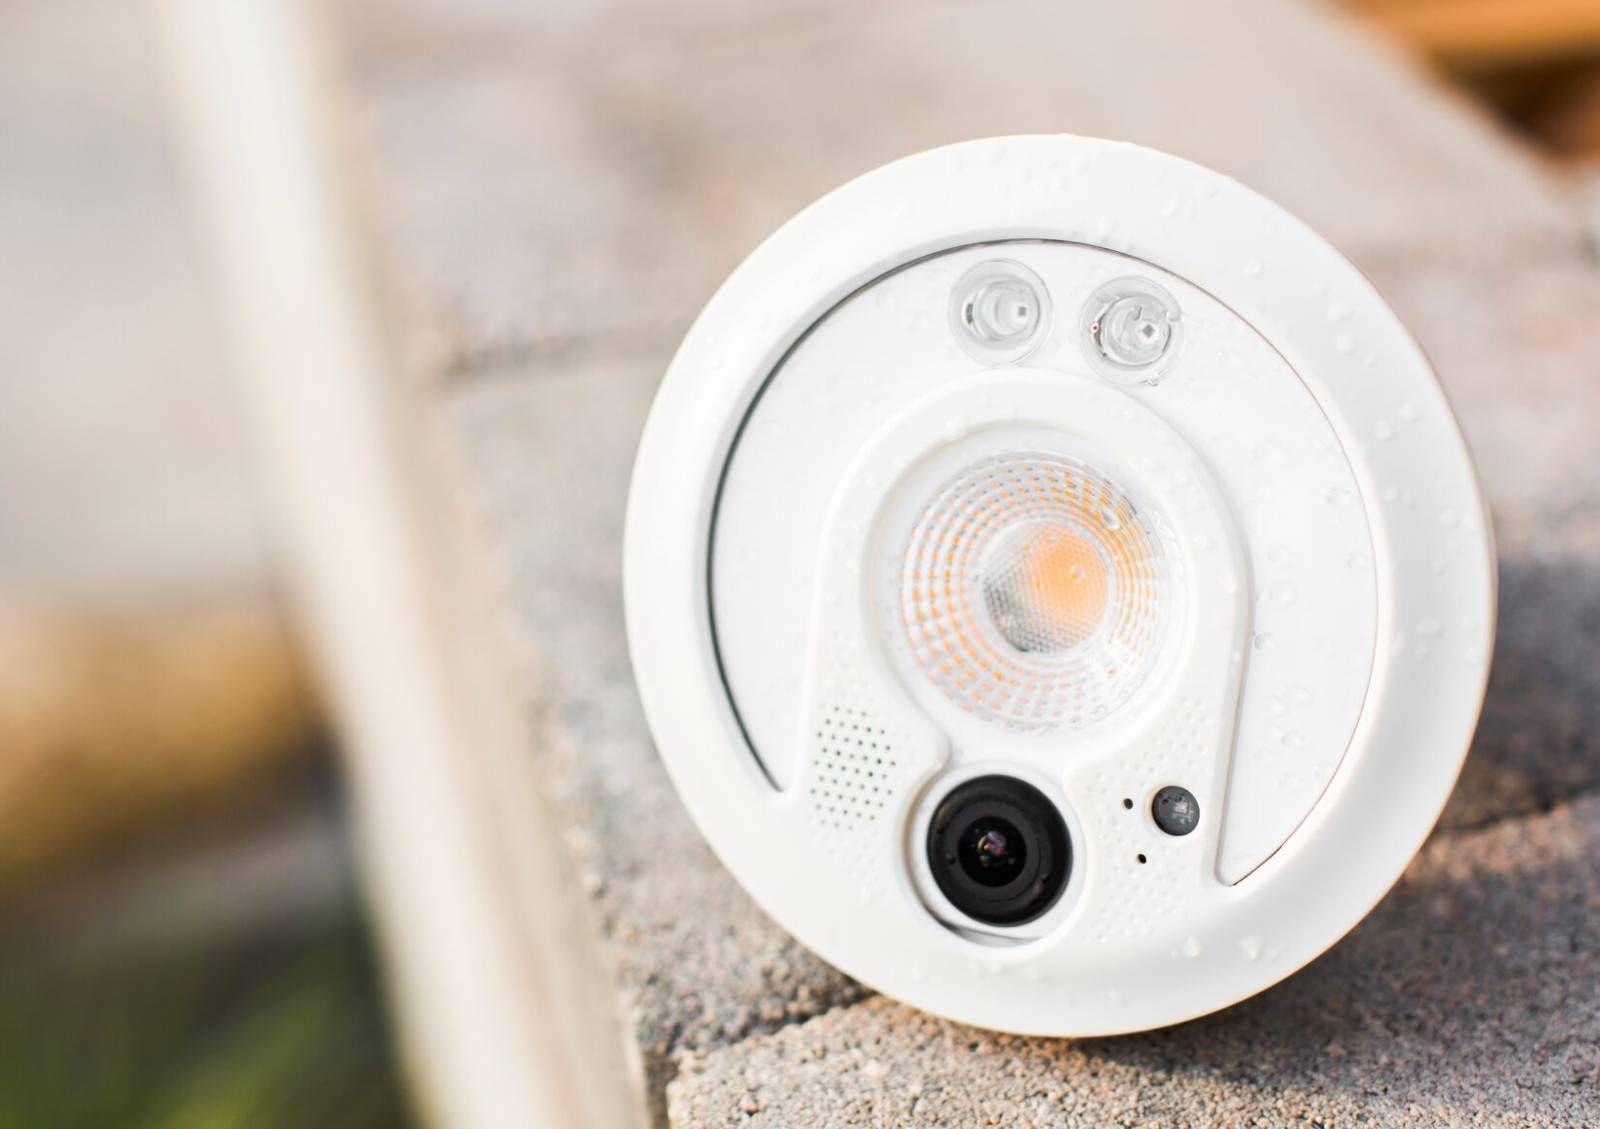 Sengled Snap wurde auf der IFA 2016 gezeigt und kombiniert eine LED-Leuchte mit…